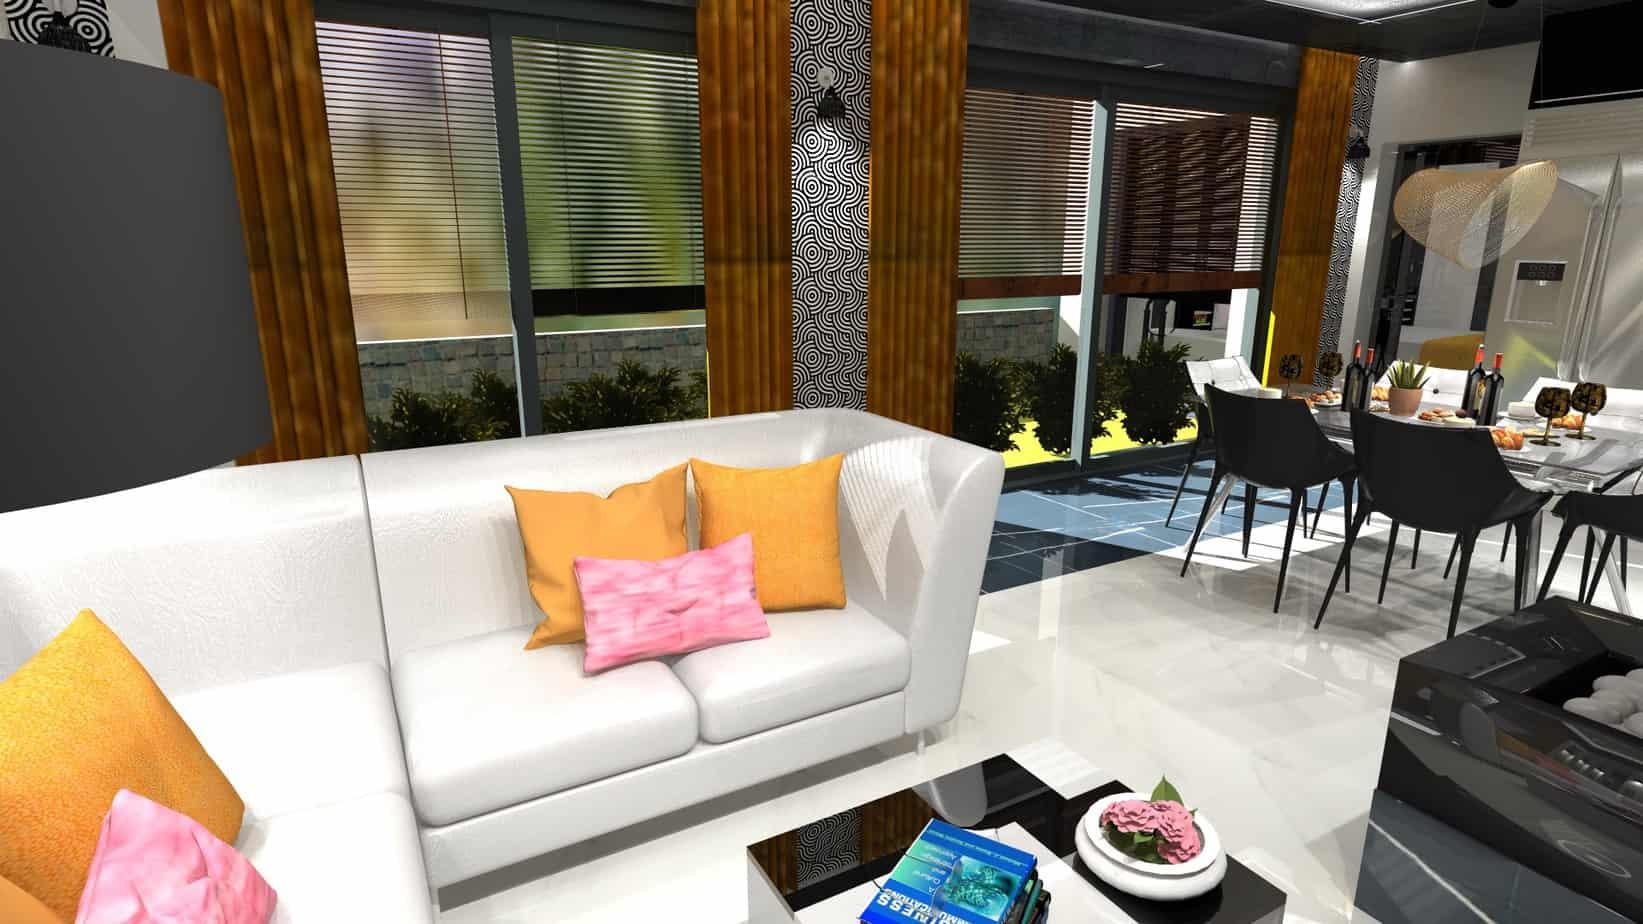 VelvetStudio KépGaléria Render nappali étkező képgaléria,lakberendezés